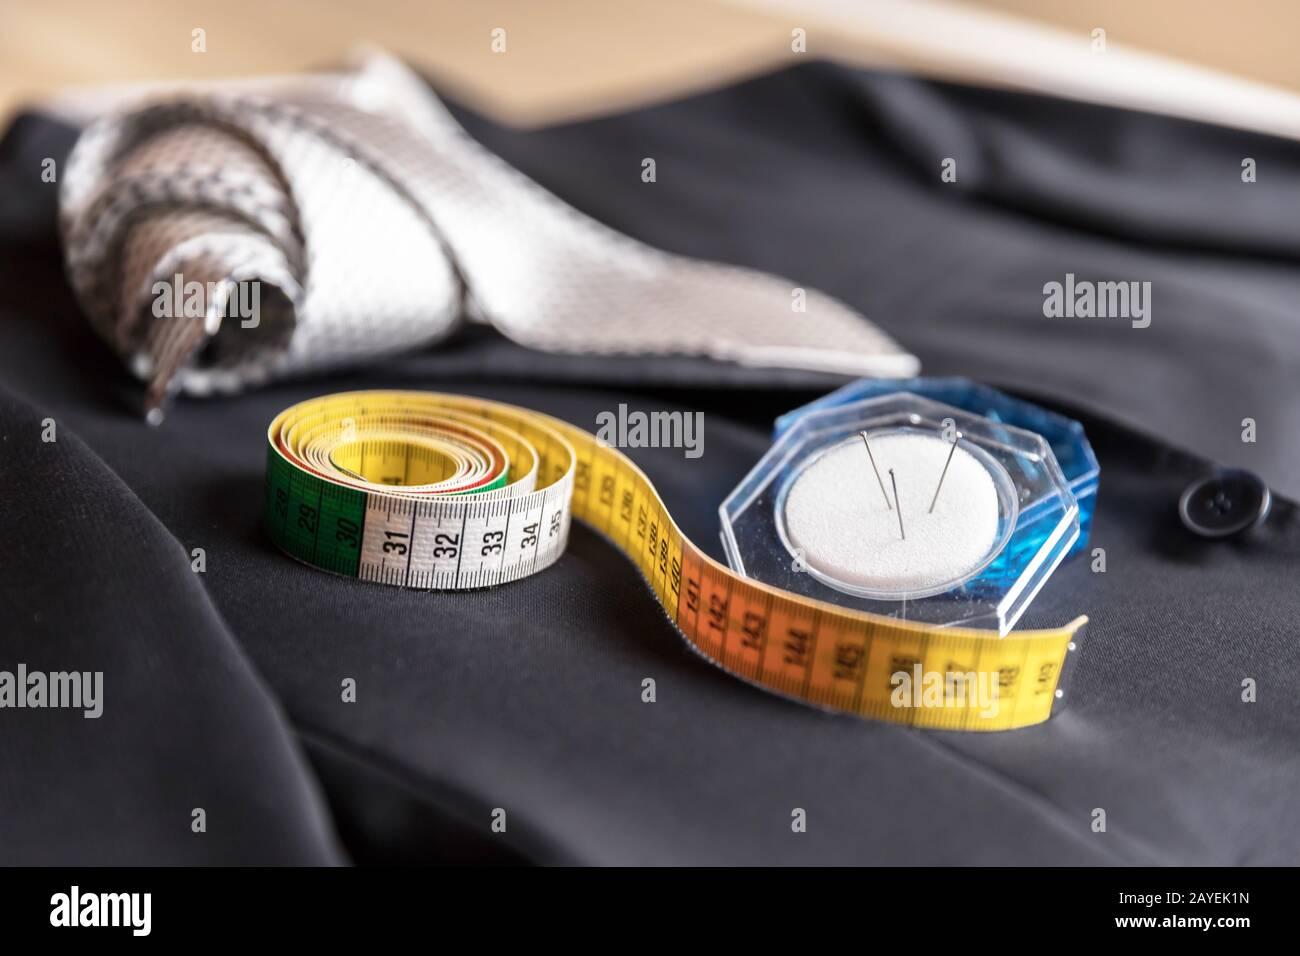 Giacca e cravatta dettaglio Foto Stock